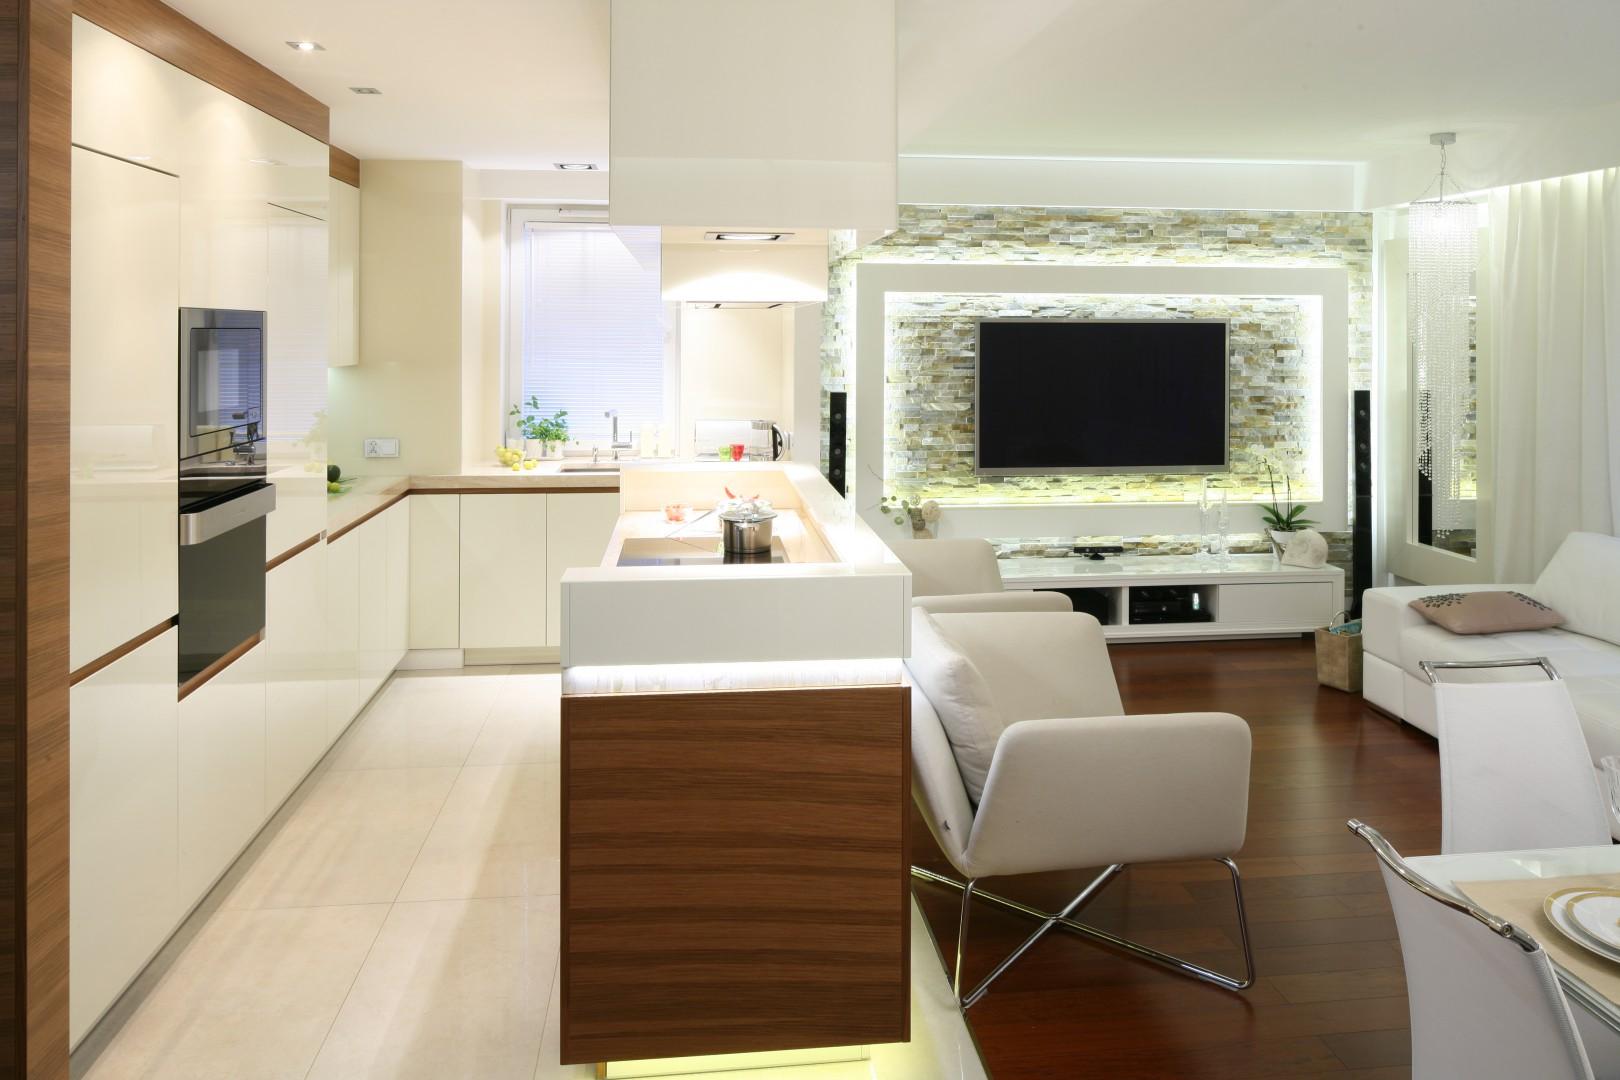 Urządzamy Salon Z Kuchnią Tak Urządzisz Modne Wnętrze